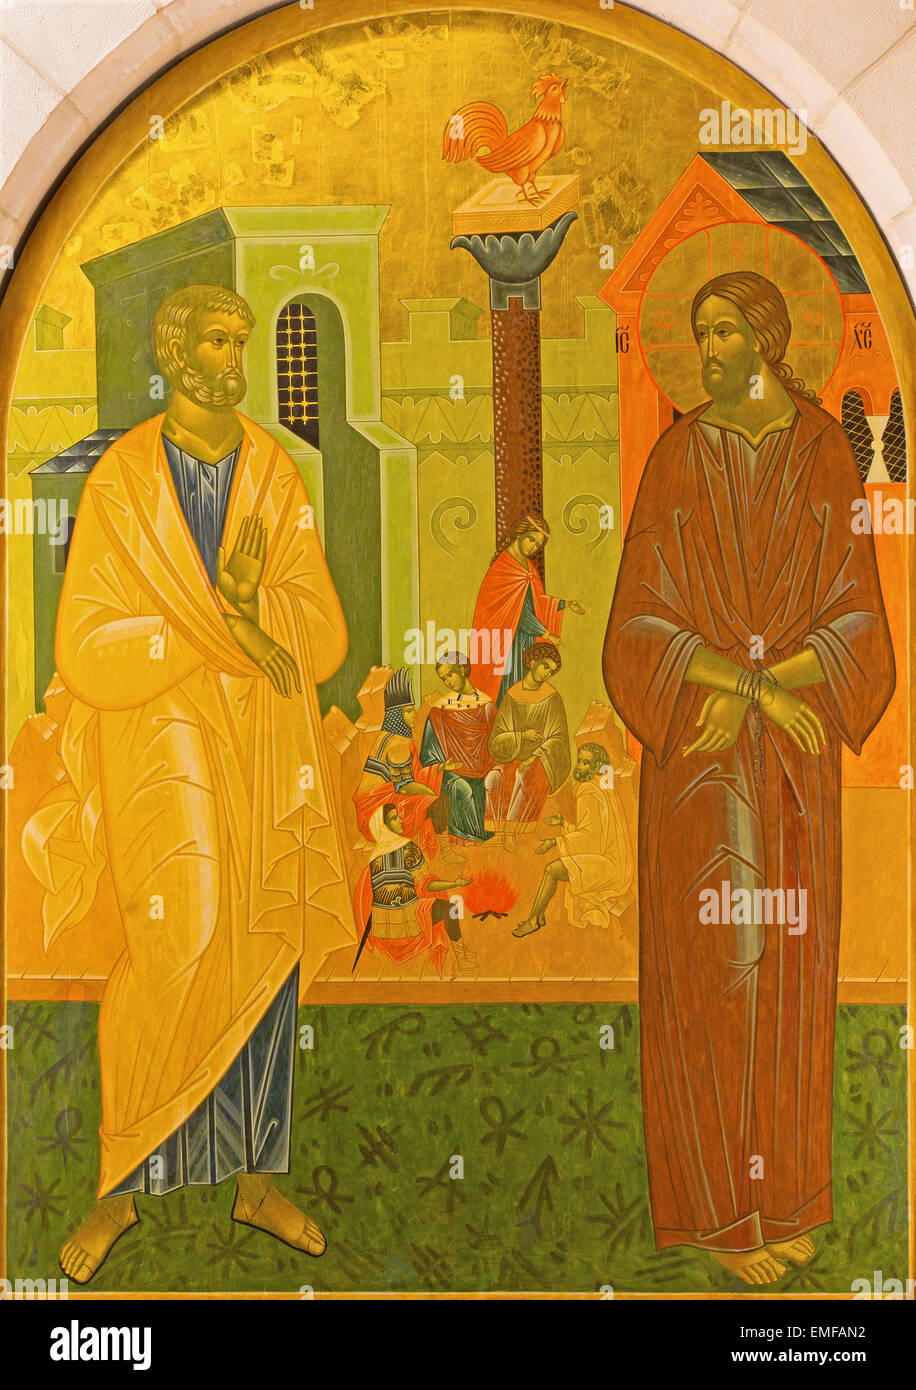 Jérusalem, Israël - 3 mars 2015: La Peter désavoue Jésus. Icône dans l'église Photo Stock